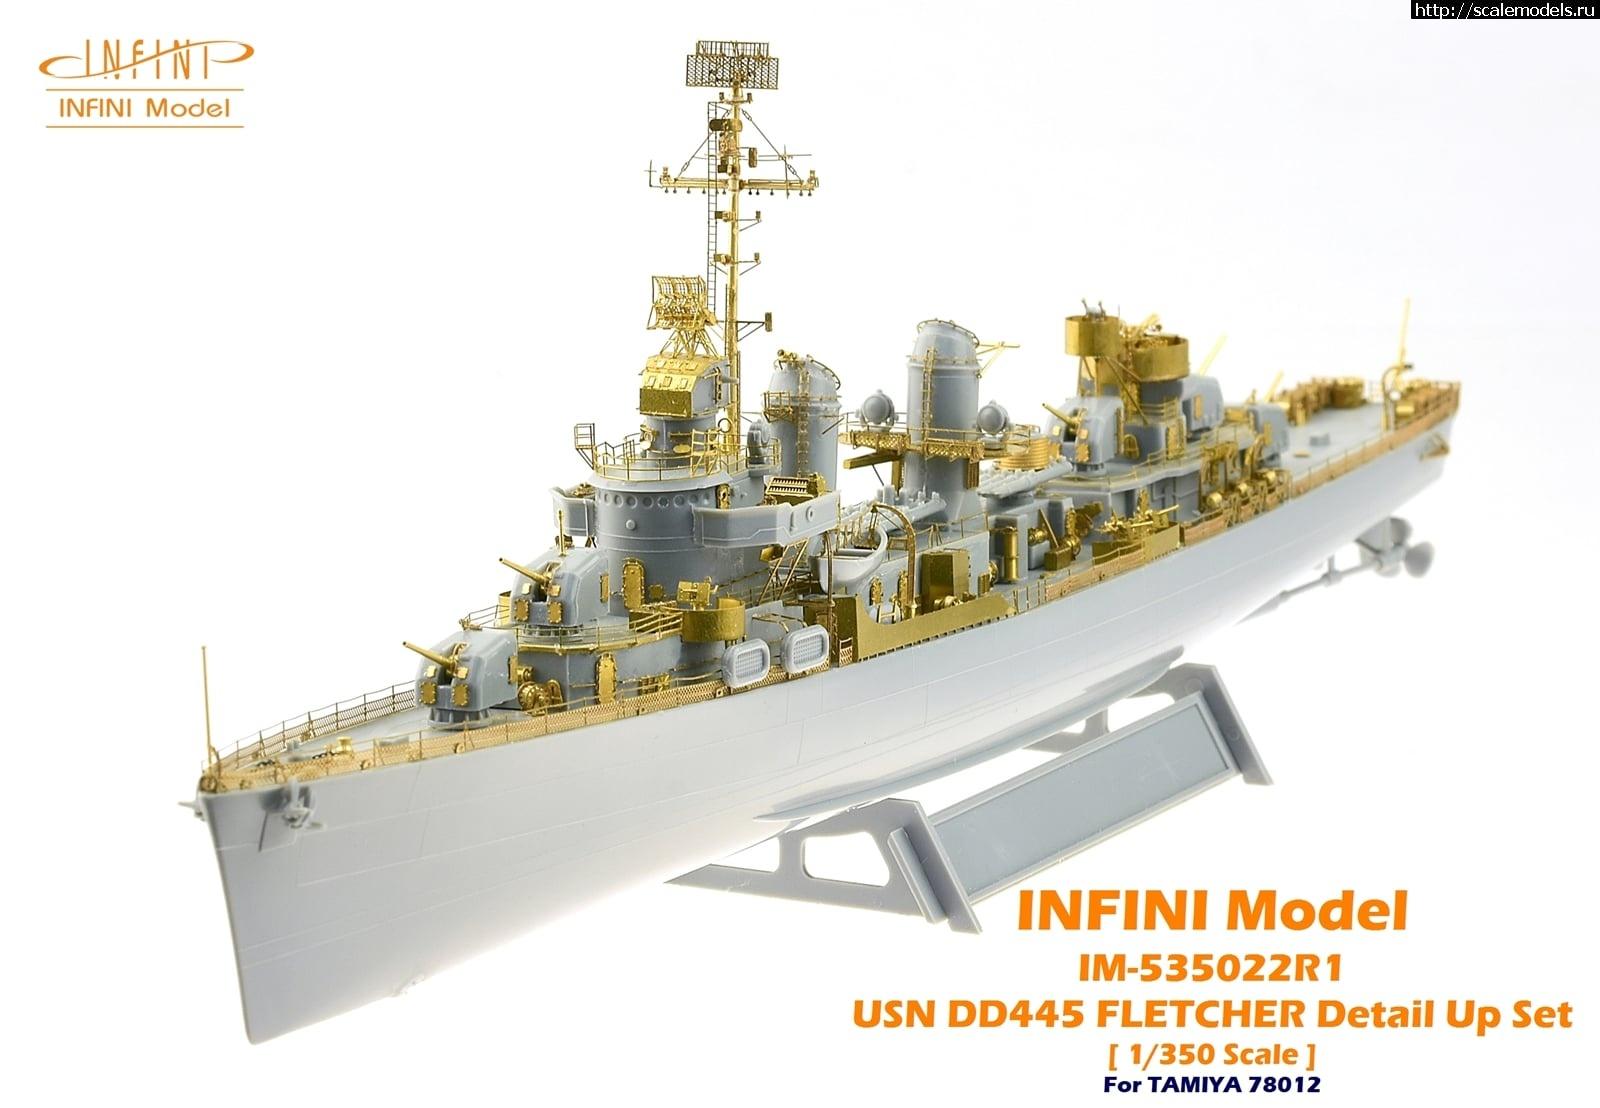 Анонс Infini Models 1/350 US Navy DD-445 Fletcher Detail Up Set Закрыть окно